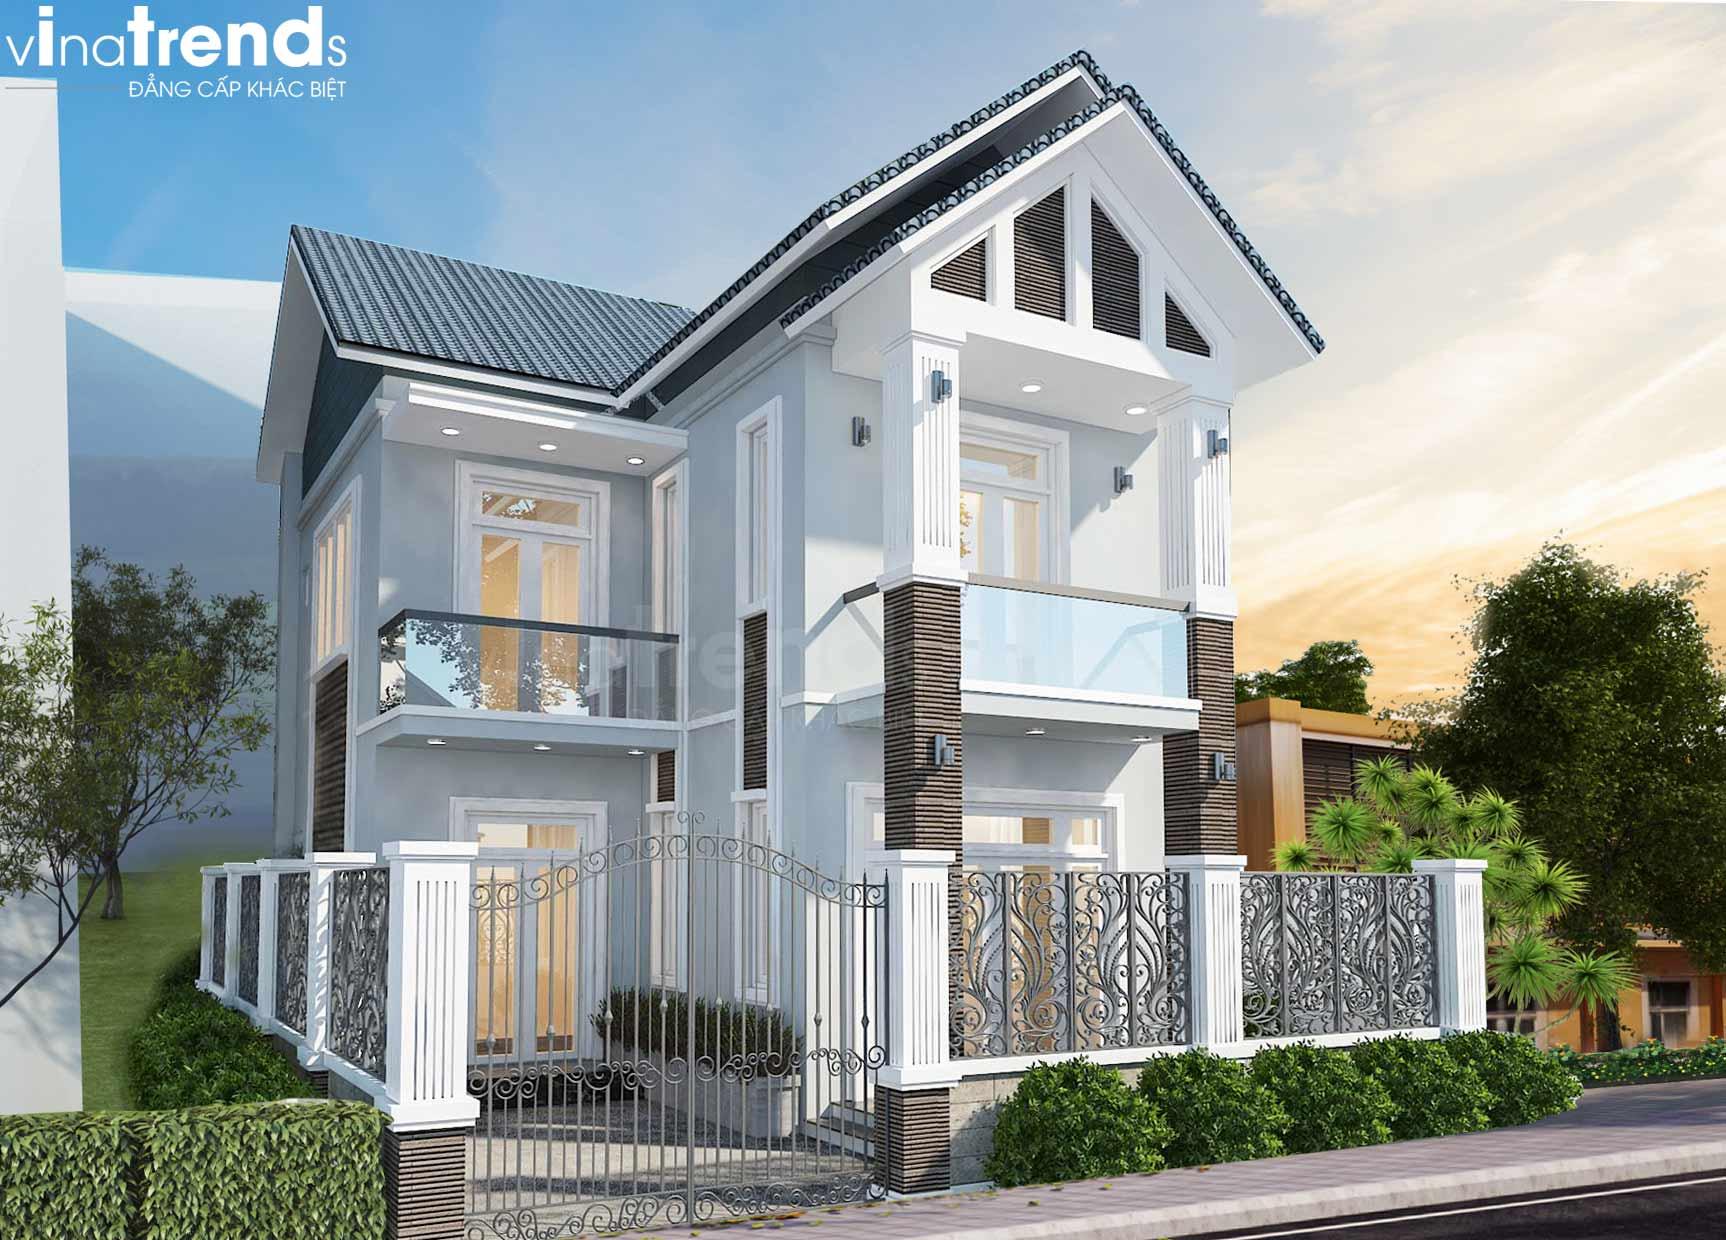 mau nha 2 tang mai thai don gian dep Mẫu nhà 2 tầng mái thái đơn giản 7,8x11m đẹp như  biệt thự ở Biên Hòa